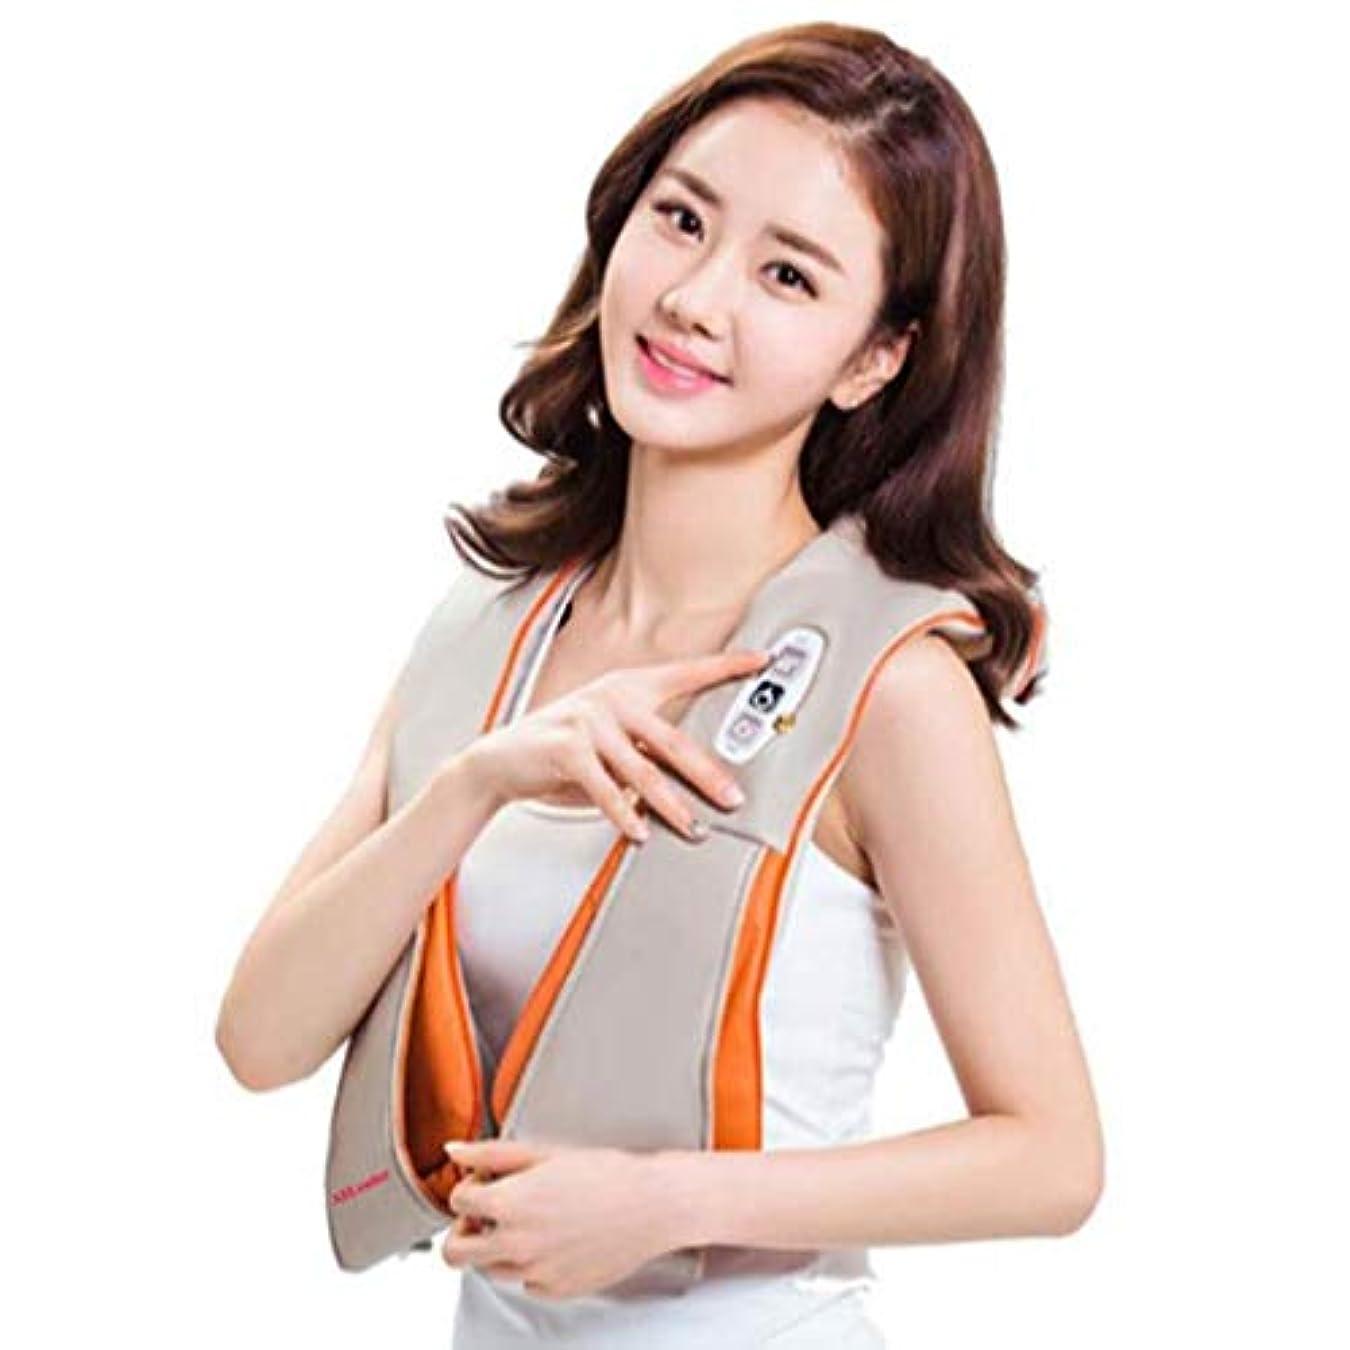 歩き回る酔っ払いスカウト首のマッサージャー、調節可能な強さのための熱および深いティッシュの混練のマッサージの指圧の肩のマッサージャー、事務車で使用することができます